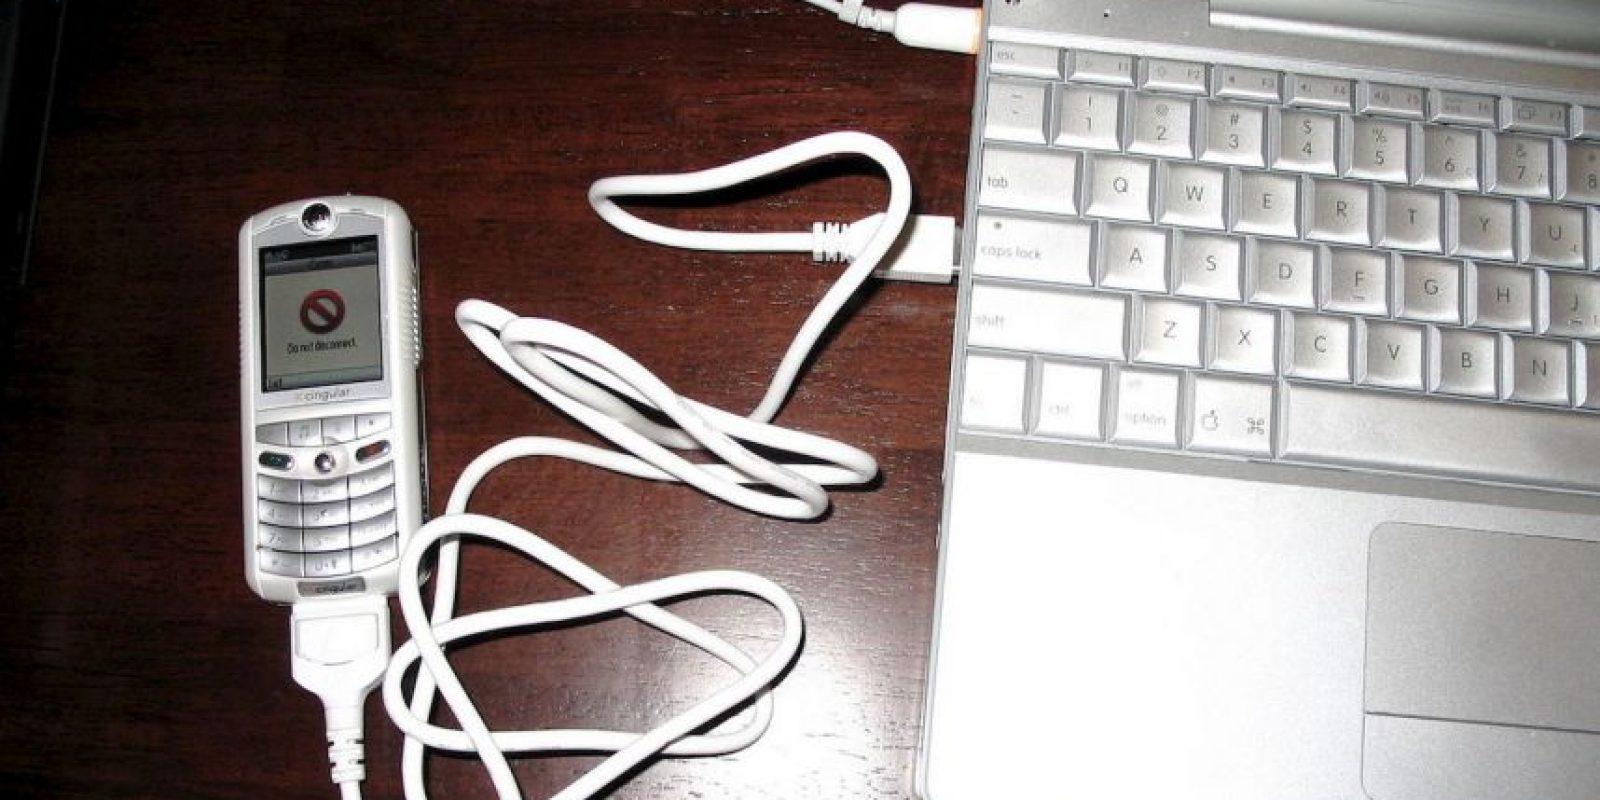 En el 2005 vio la luz un proyecto de Apple y Motorola llamado ROKR. Se trata de un teléfono móvil que relativamente tuvo éxito, ya que hubo muchas versiones después de su lanzamiento. Sin embargo, Apple abandonó el proyecto para centrase en otros que ahora gozamos, como el iPhone y iPod. Foto:Vía commons.wikimedia.org